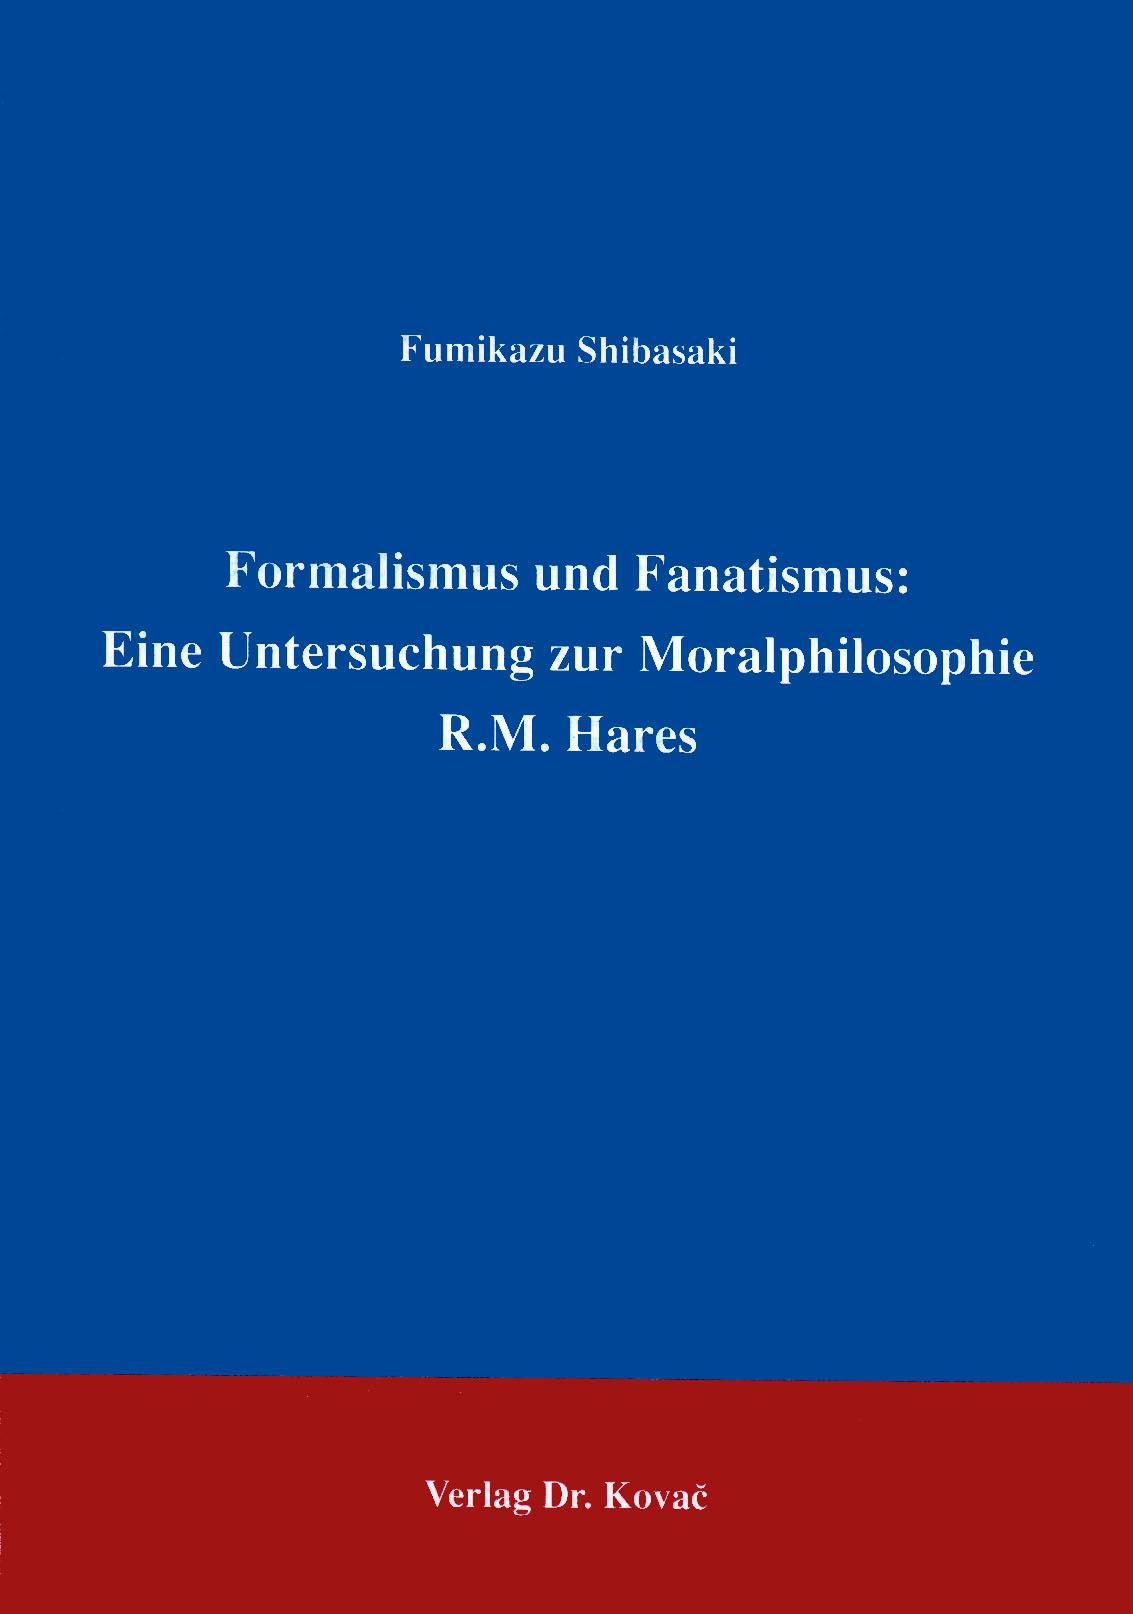 Cover: Formalismus und Fanatismus: Eine Untersuchung zur Moralphilosophie R.M. Hares